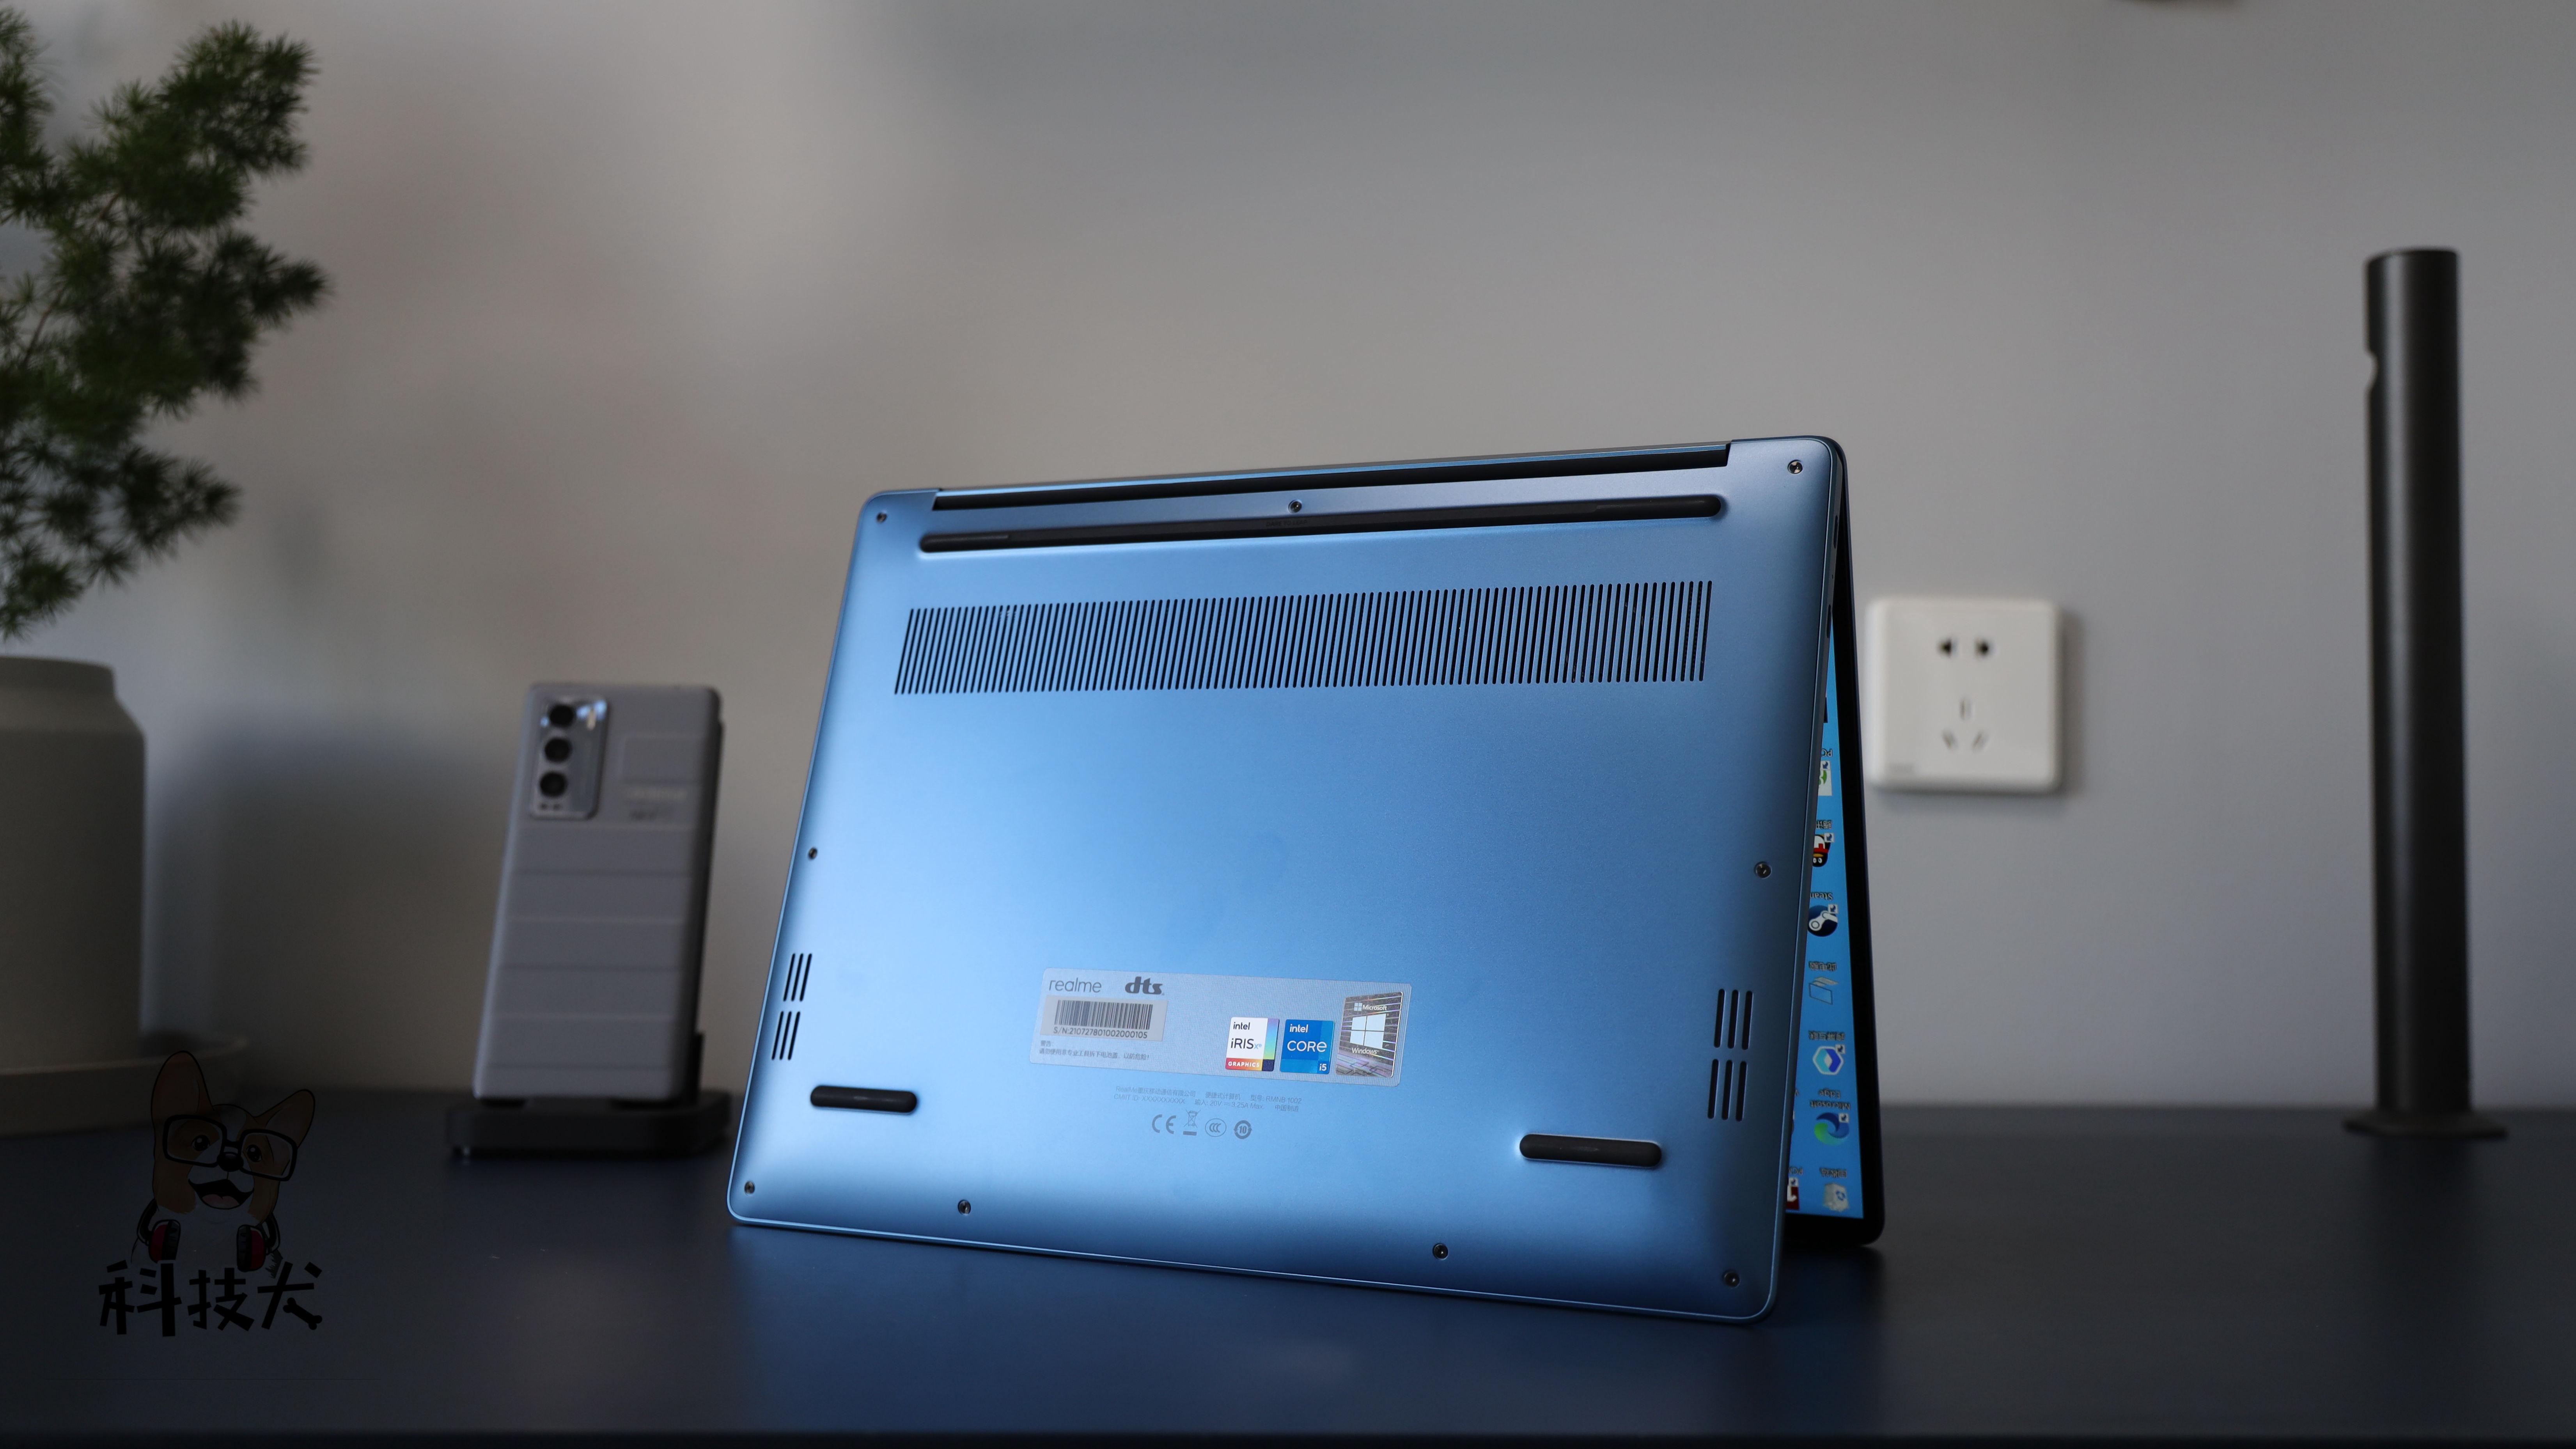 「科技犬」realme值得买单品盘点:手机笔记本TWS,三款必选其一